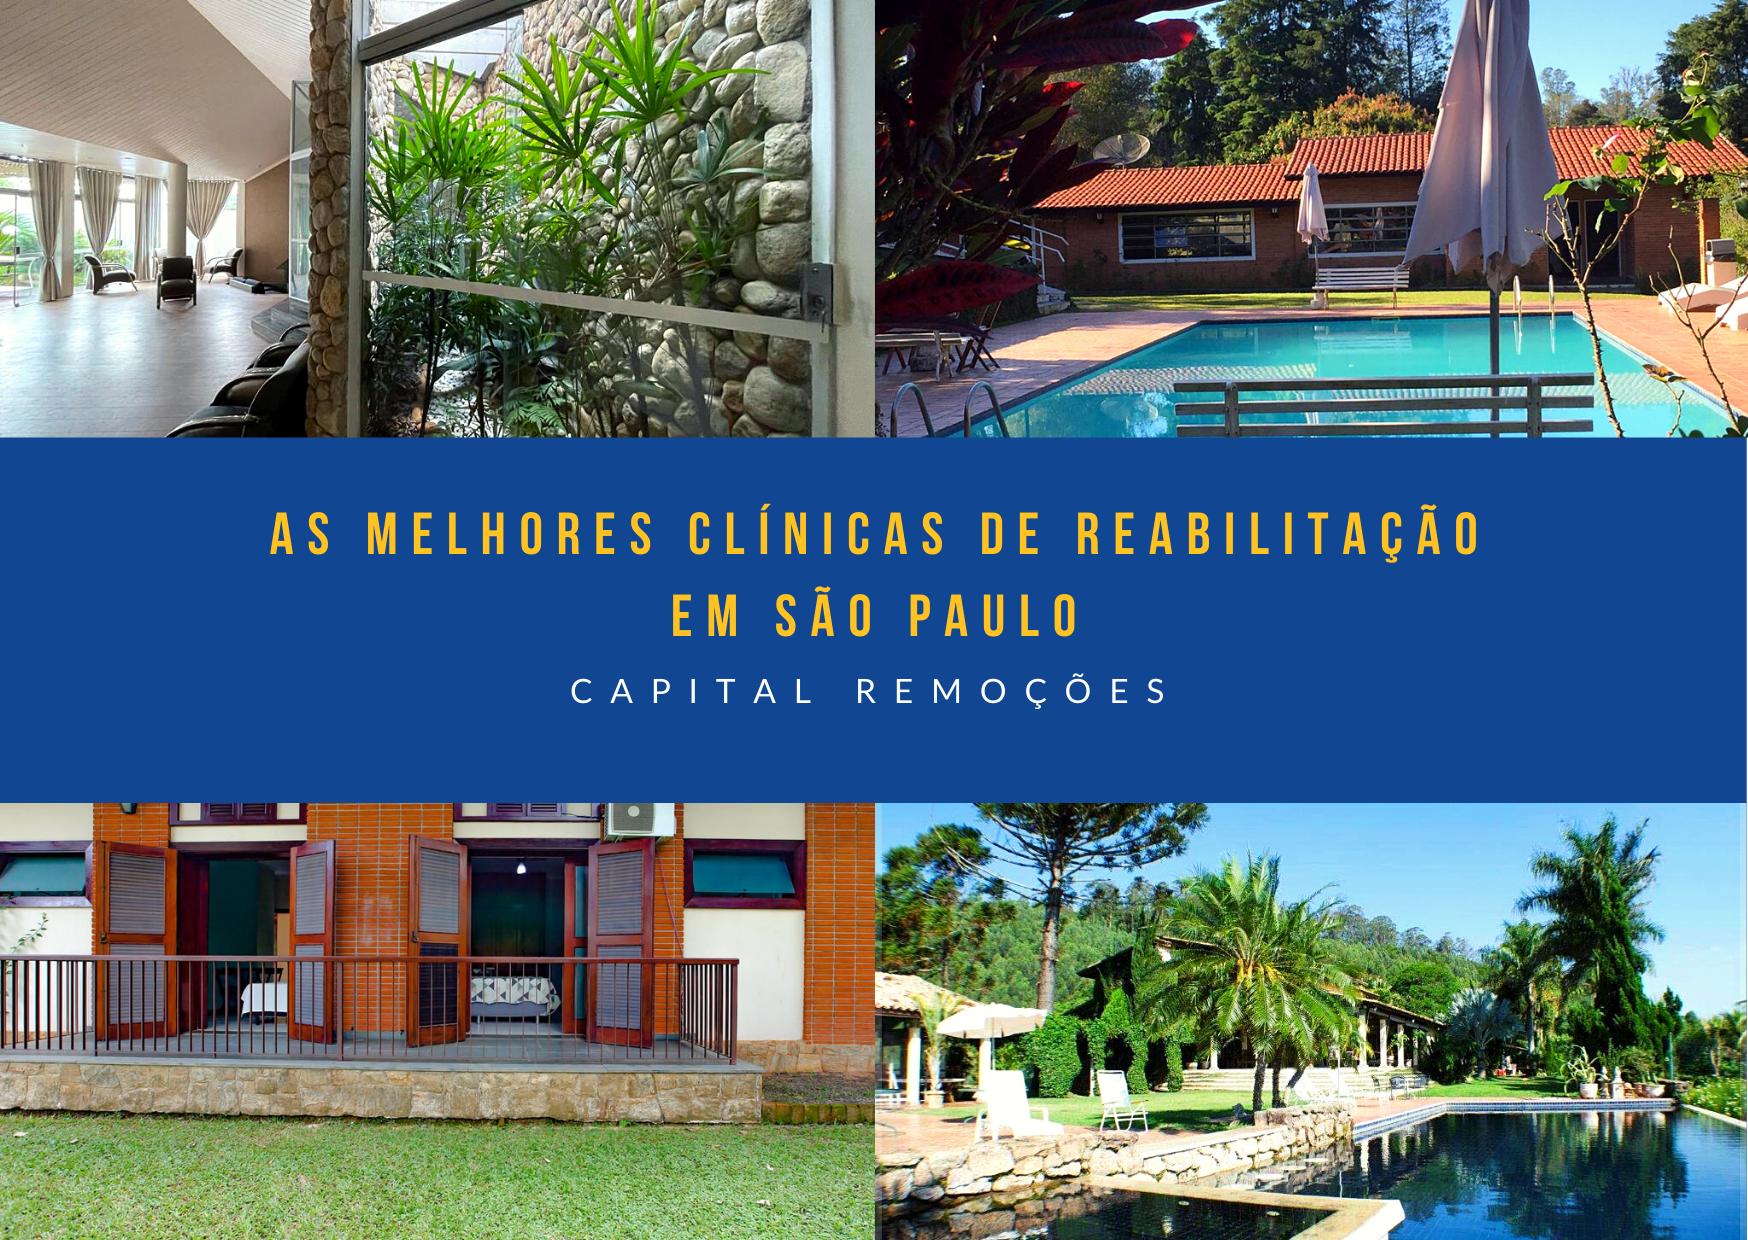 Clínica de reabilitação em São Paulo - Masculinas e Femininas Alto Padrão